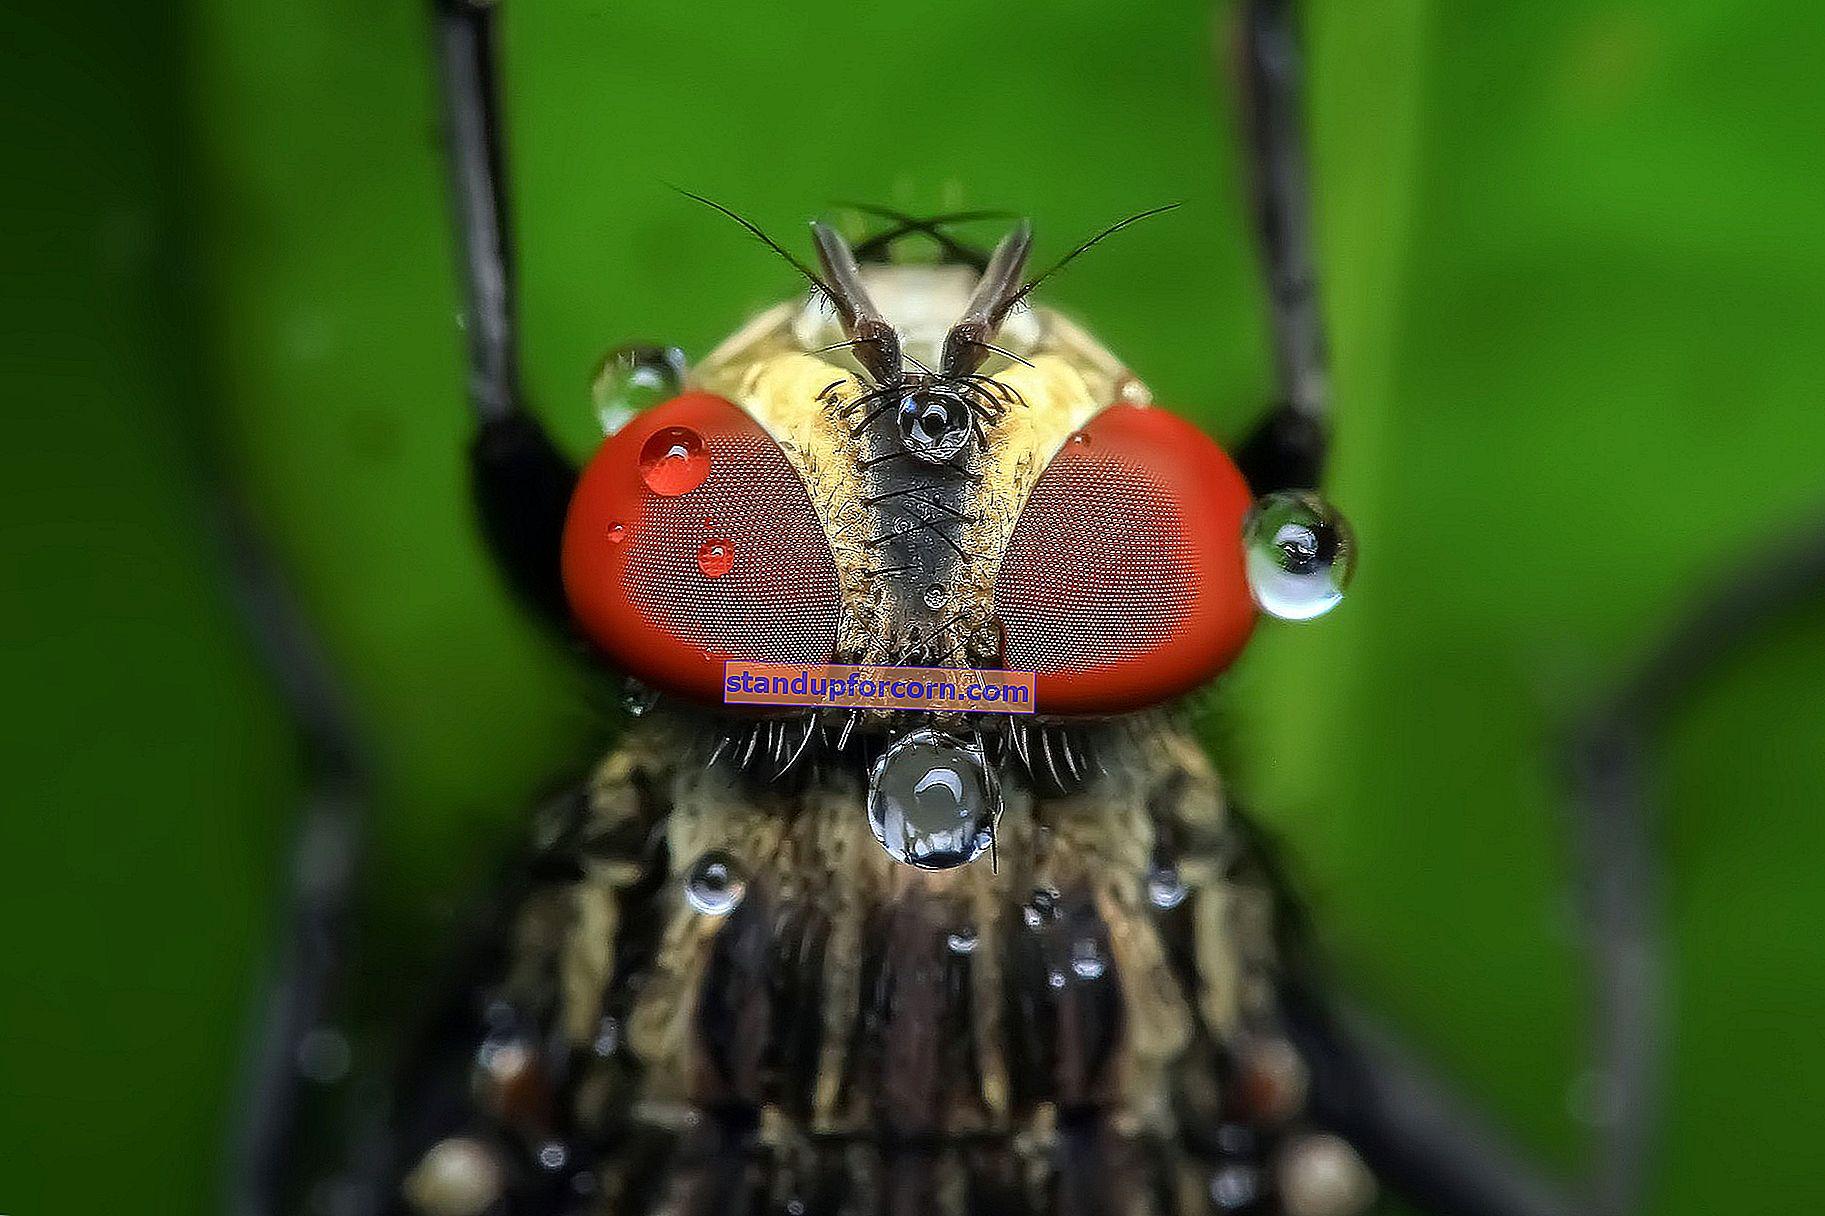 Yaban arıları ve eşek arıları ile baş etmenin bir yolu. Bir kez ve sonsuza kadar nasıl kurtulur?